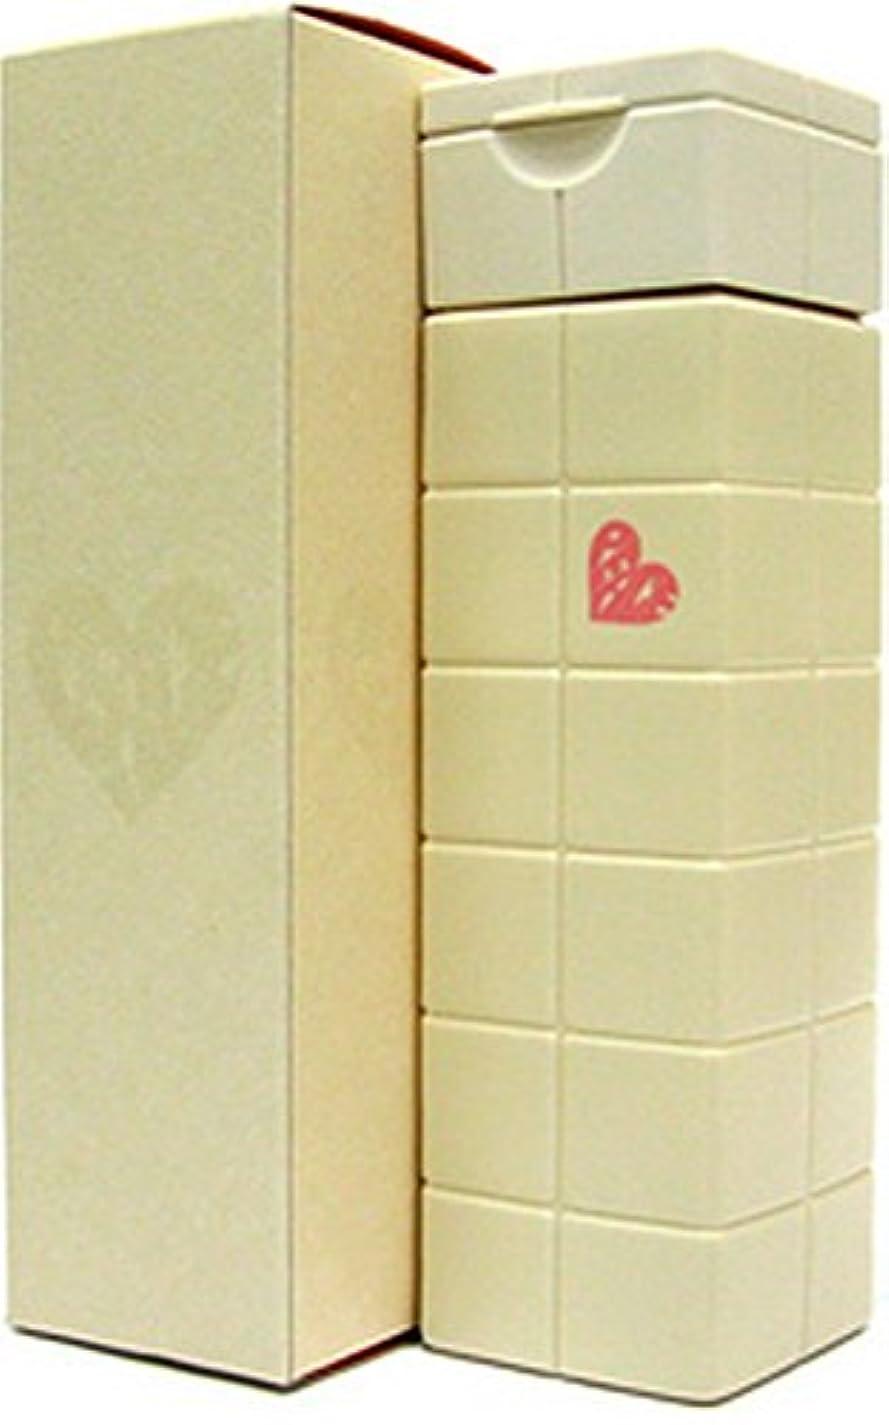 拳供給ビスケットアリミノ ピース プロデザインシリーズ モイストミルク バニラ 200ml 洗い流さないヘアトリートメント